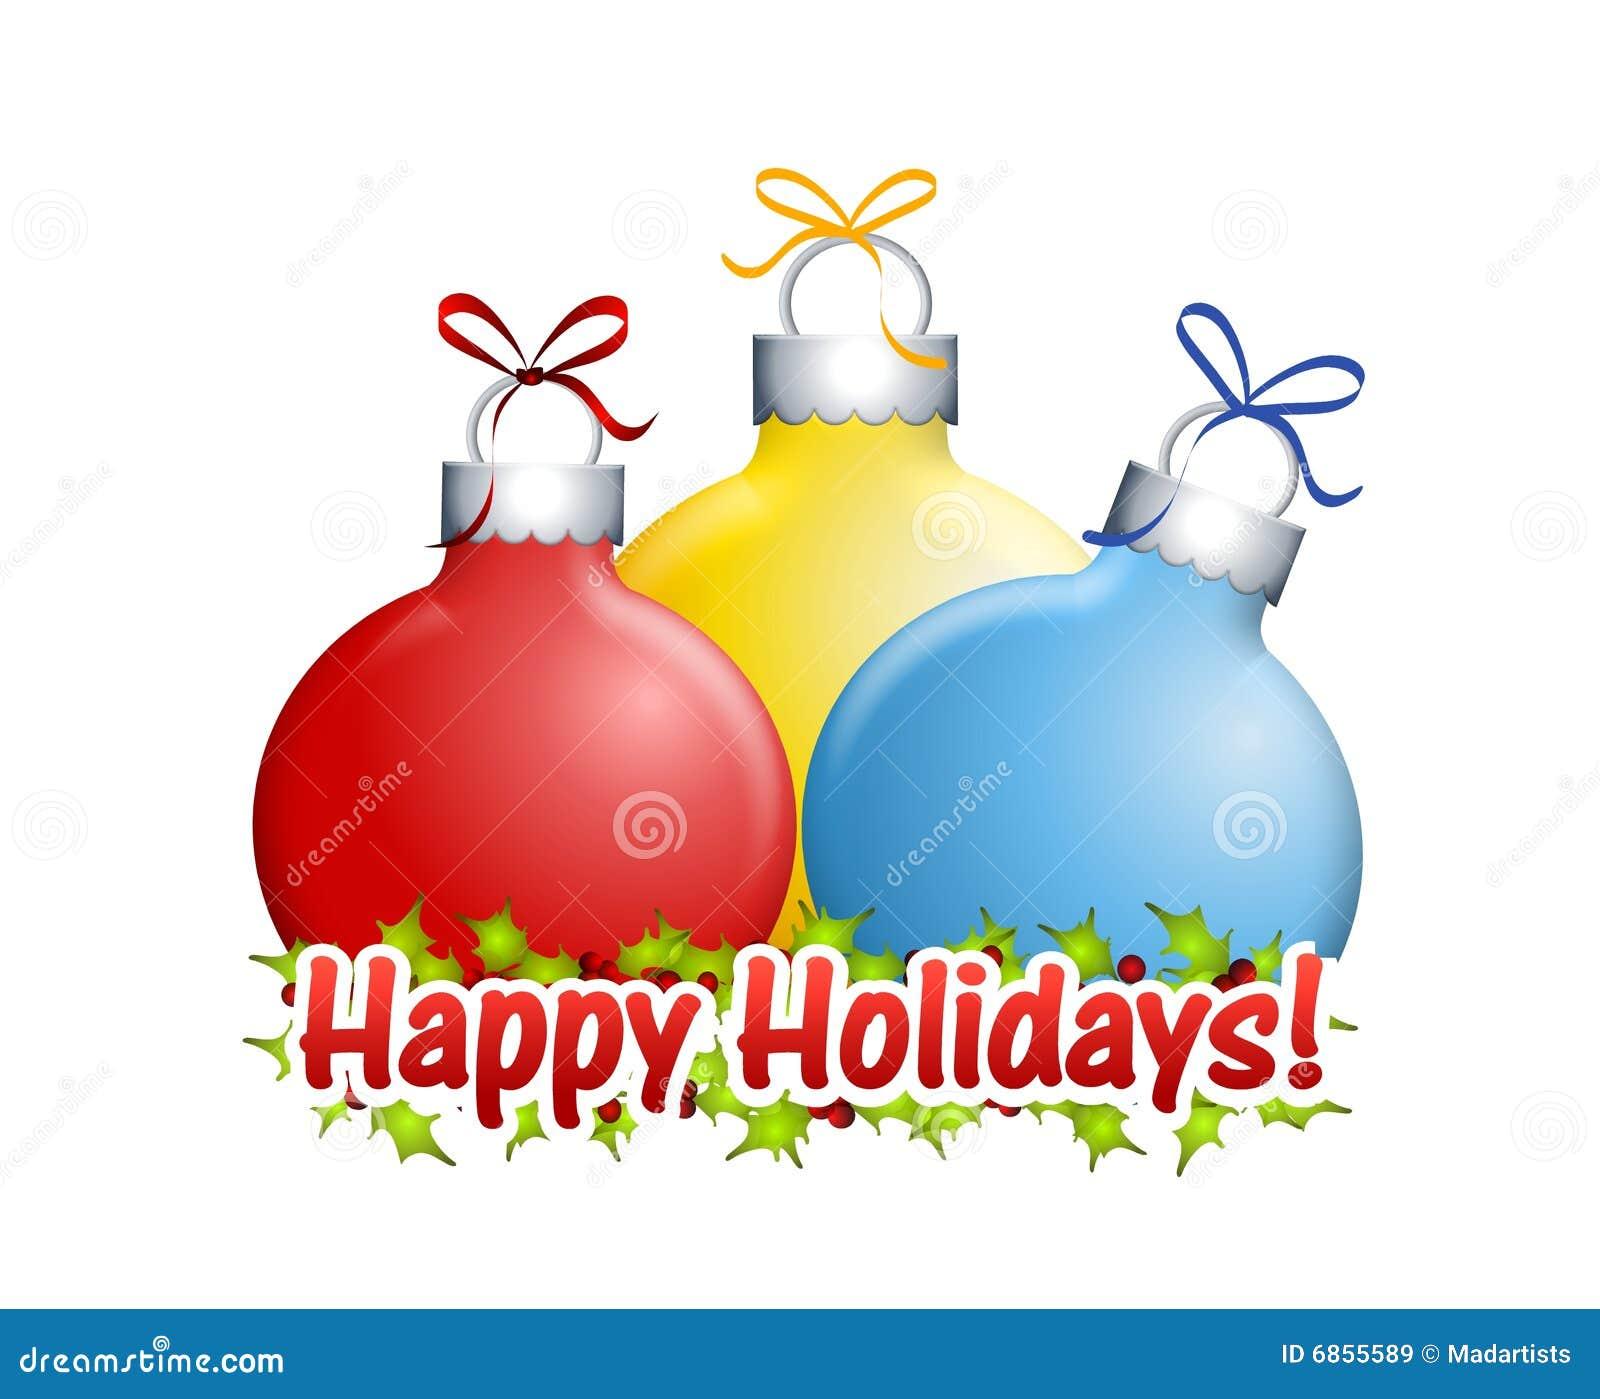 happy holidays clip art